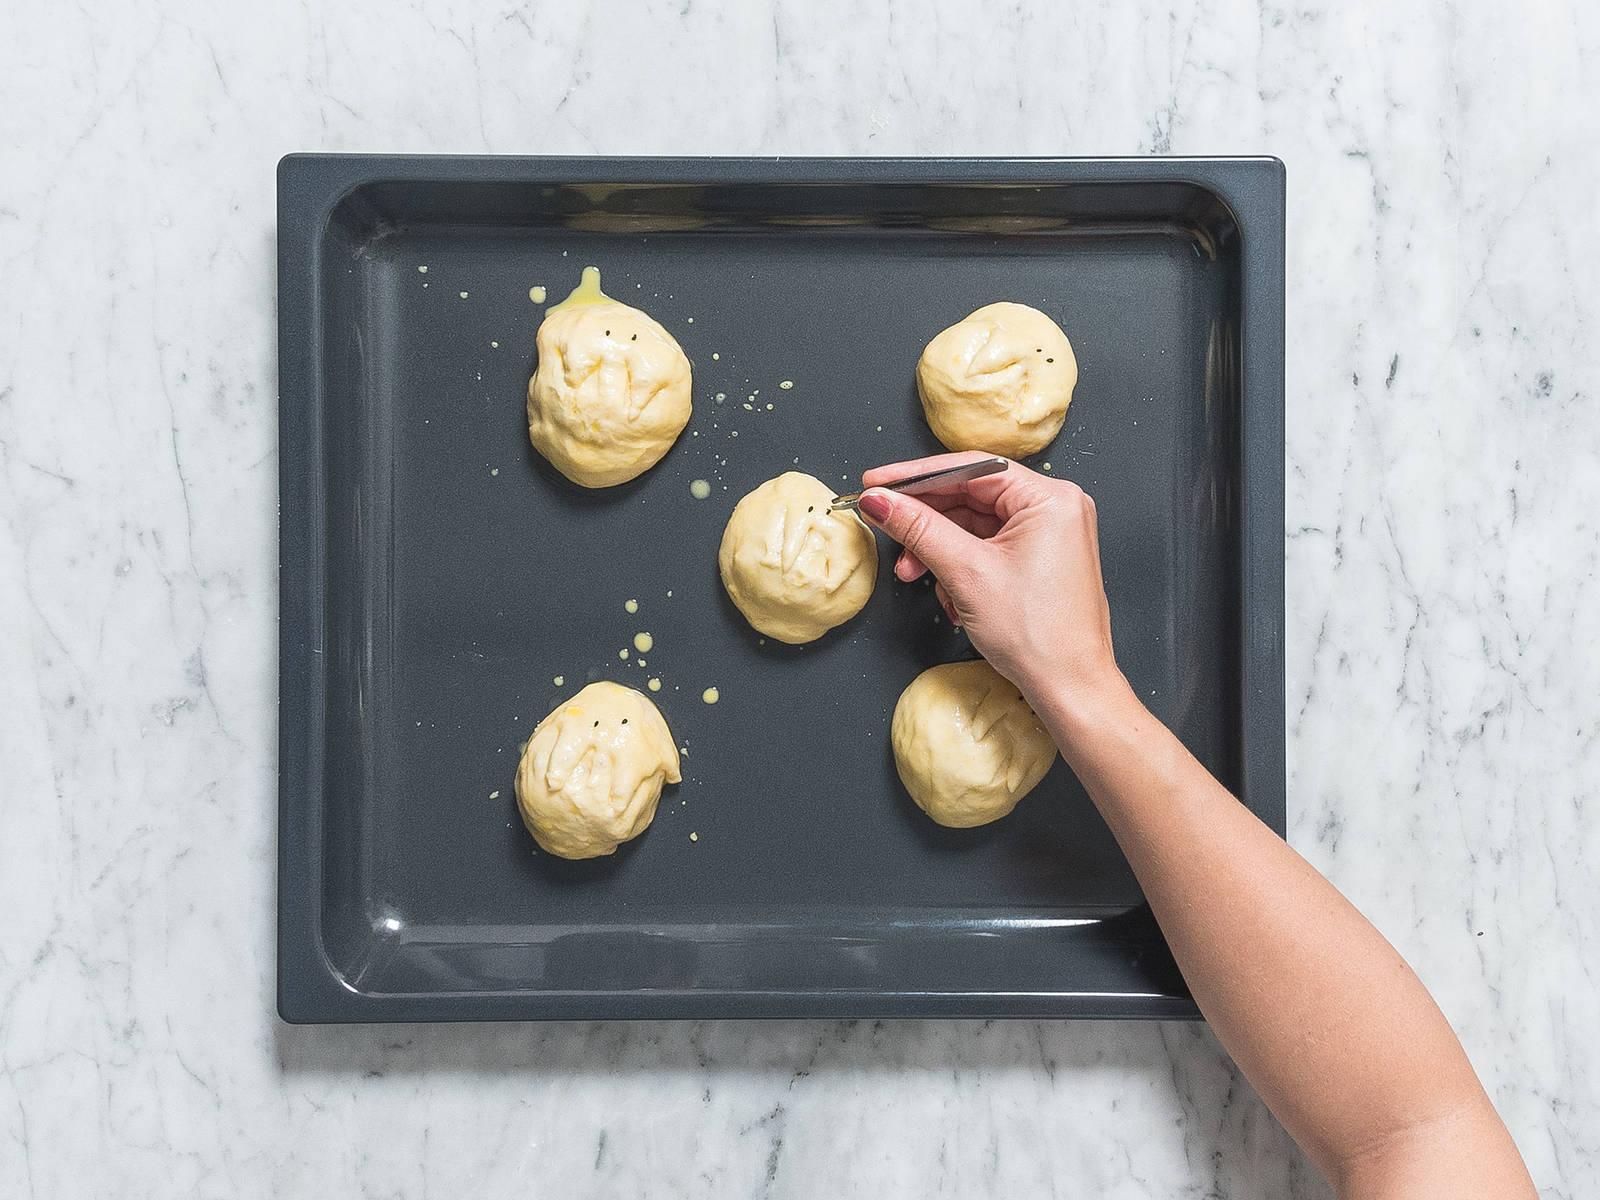 在一个小碗中,将预留的蛋黄加些许水搅打,刷到面团上。一次刷三个面团,以确保黑芝麻能好好黏在蛋黄上。用小钳子黏上黑芝麻做眼睛,用剪刀剪出两个1厘米的面团,作为耳朵。烤15-20分钟,或者烤至金黄。